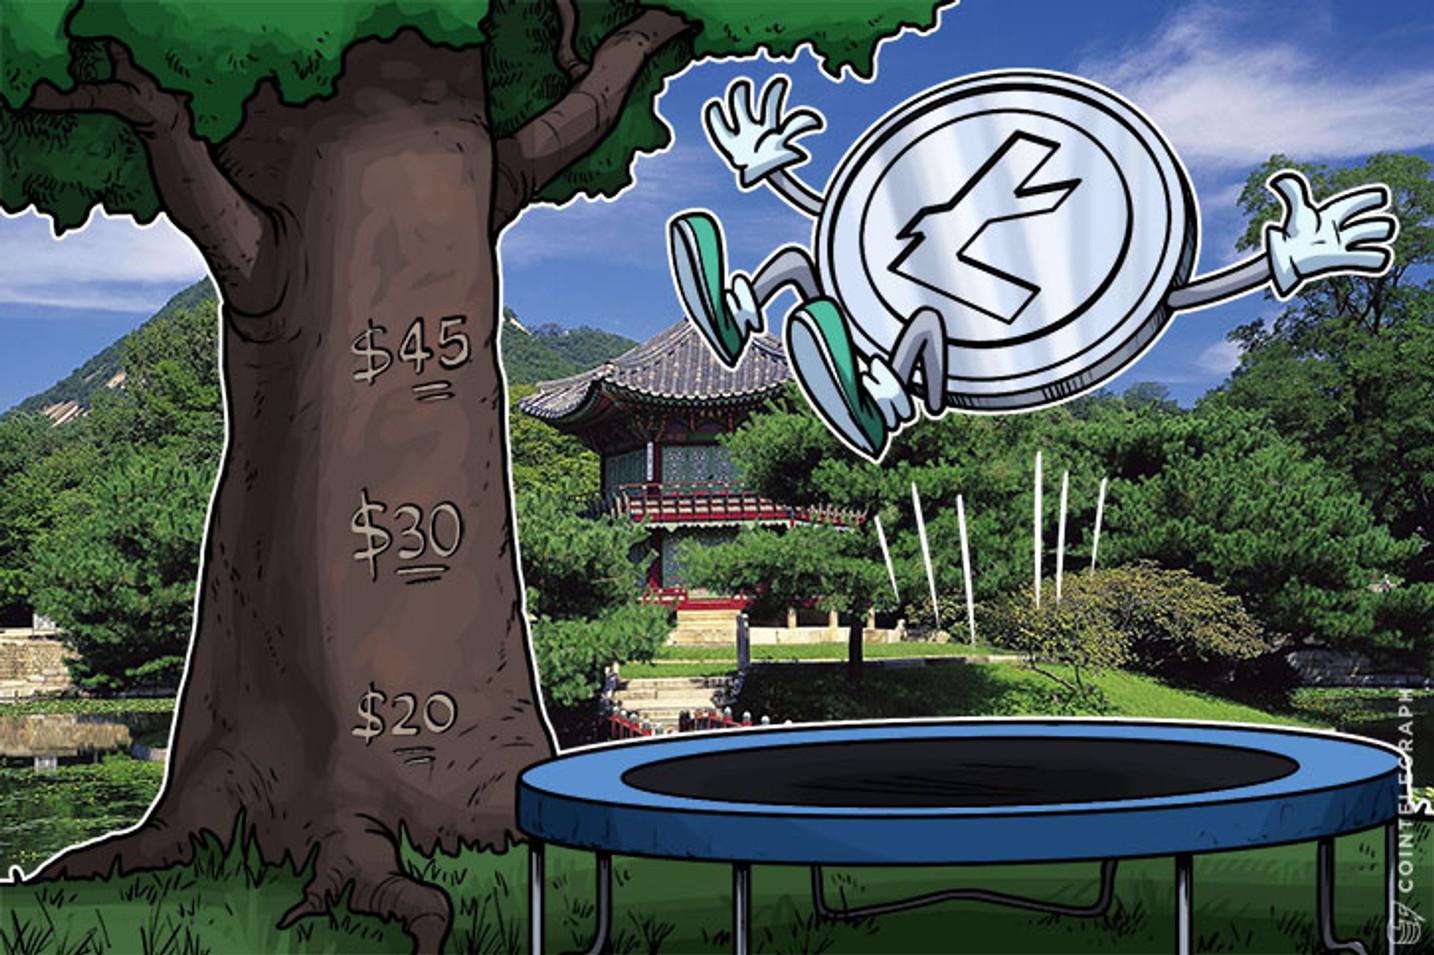 Litecoin Sustenta a Subida do Preço e Posta Mais de US$ 1 Bilhão de Volume de Negóciosno Começo de Julho de 2017